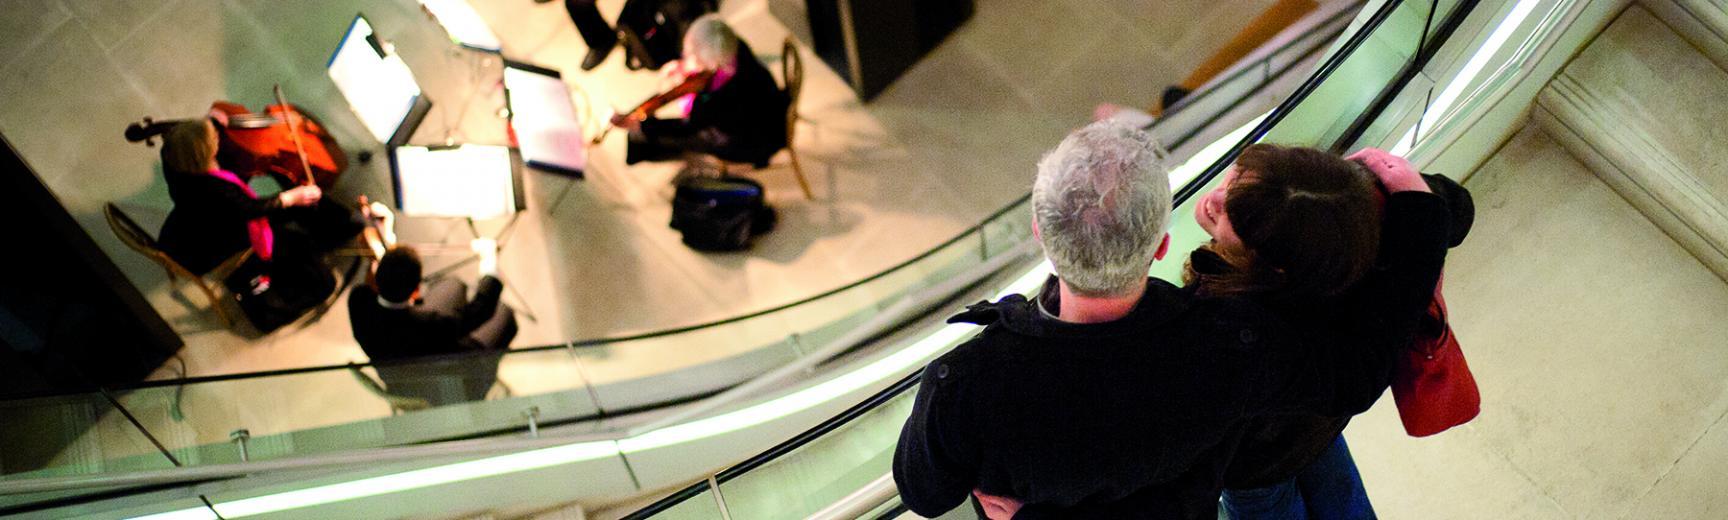 Patrons of the Ashmolean Museum – Music in the Atrium